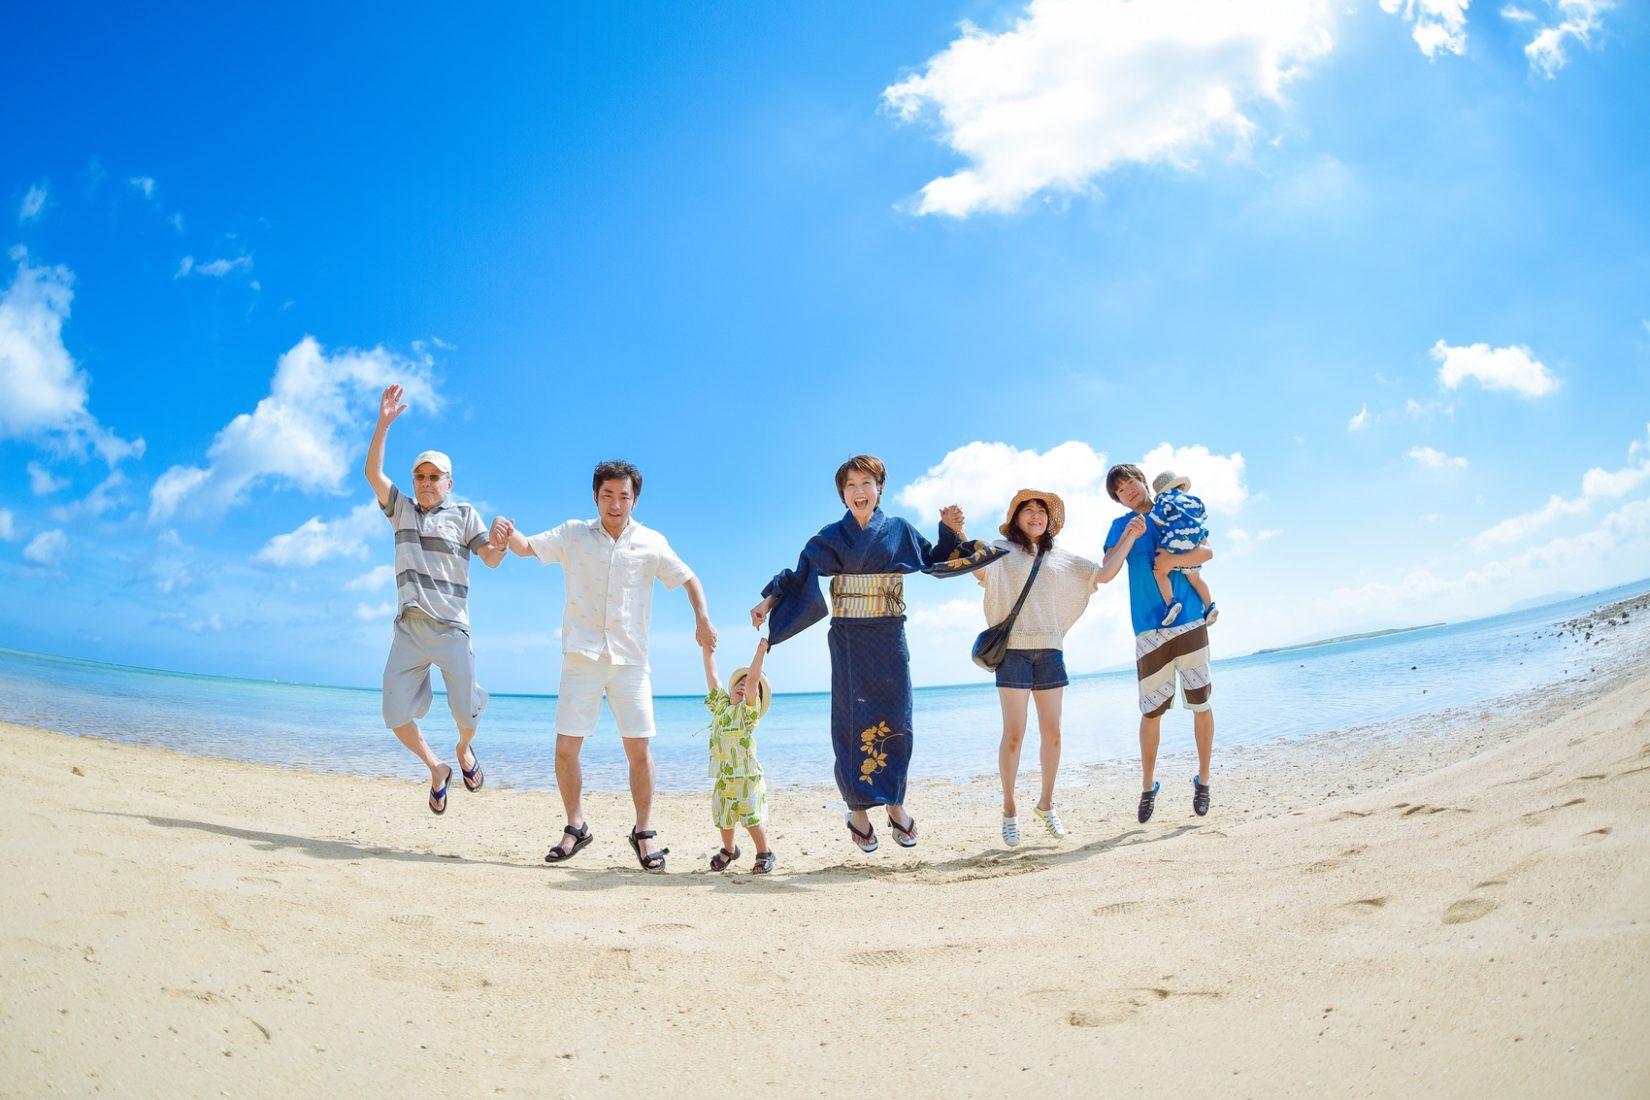 【レポ#36】小浜島のビーチやさとうきび畑で撮影!A様ファミリーの家族フォト